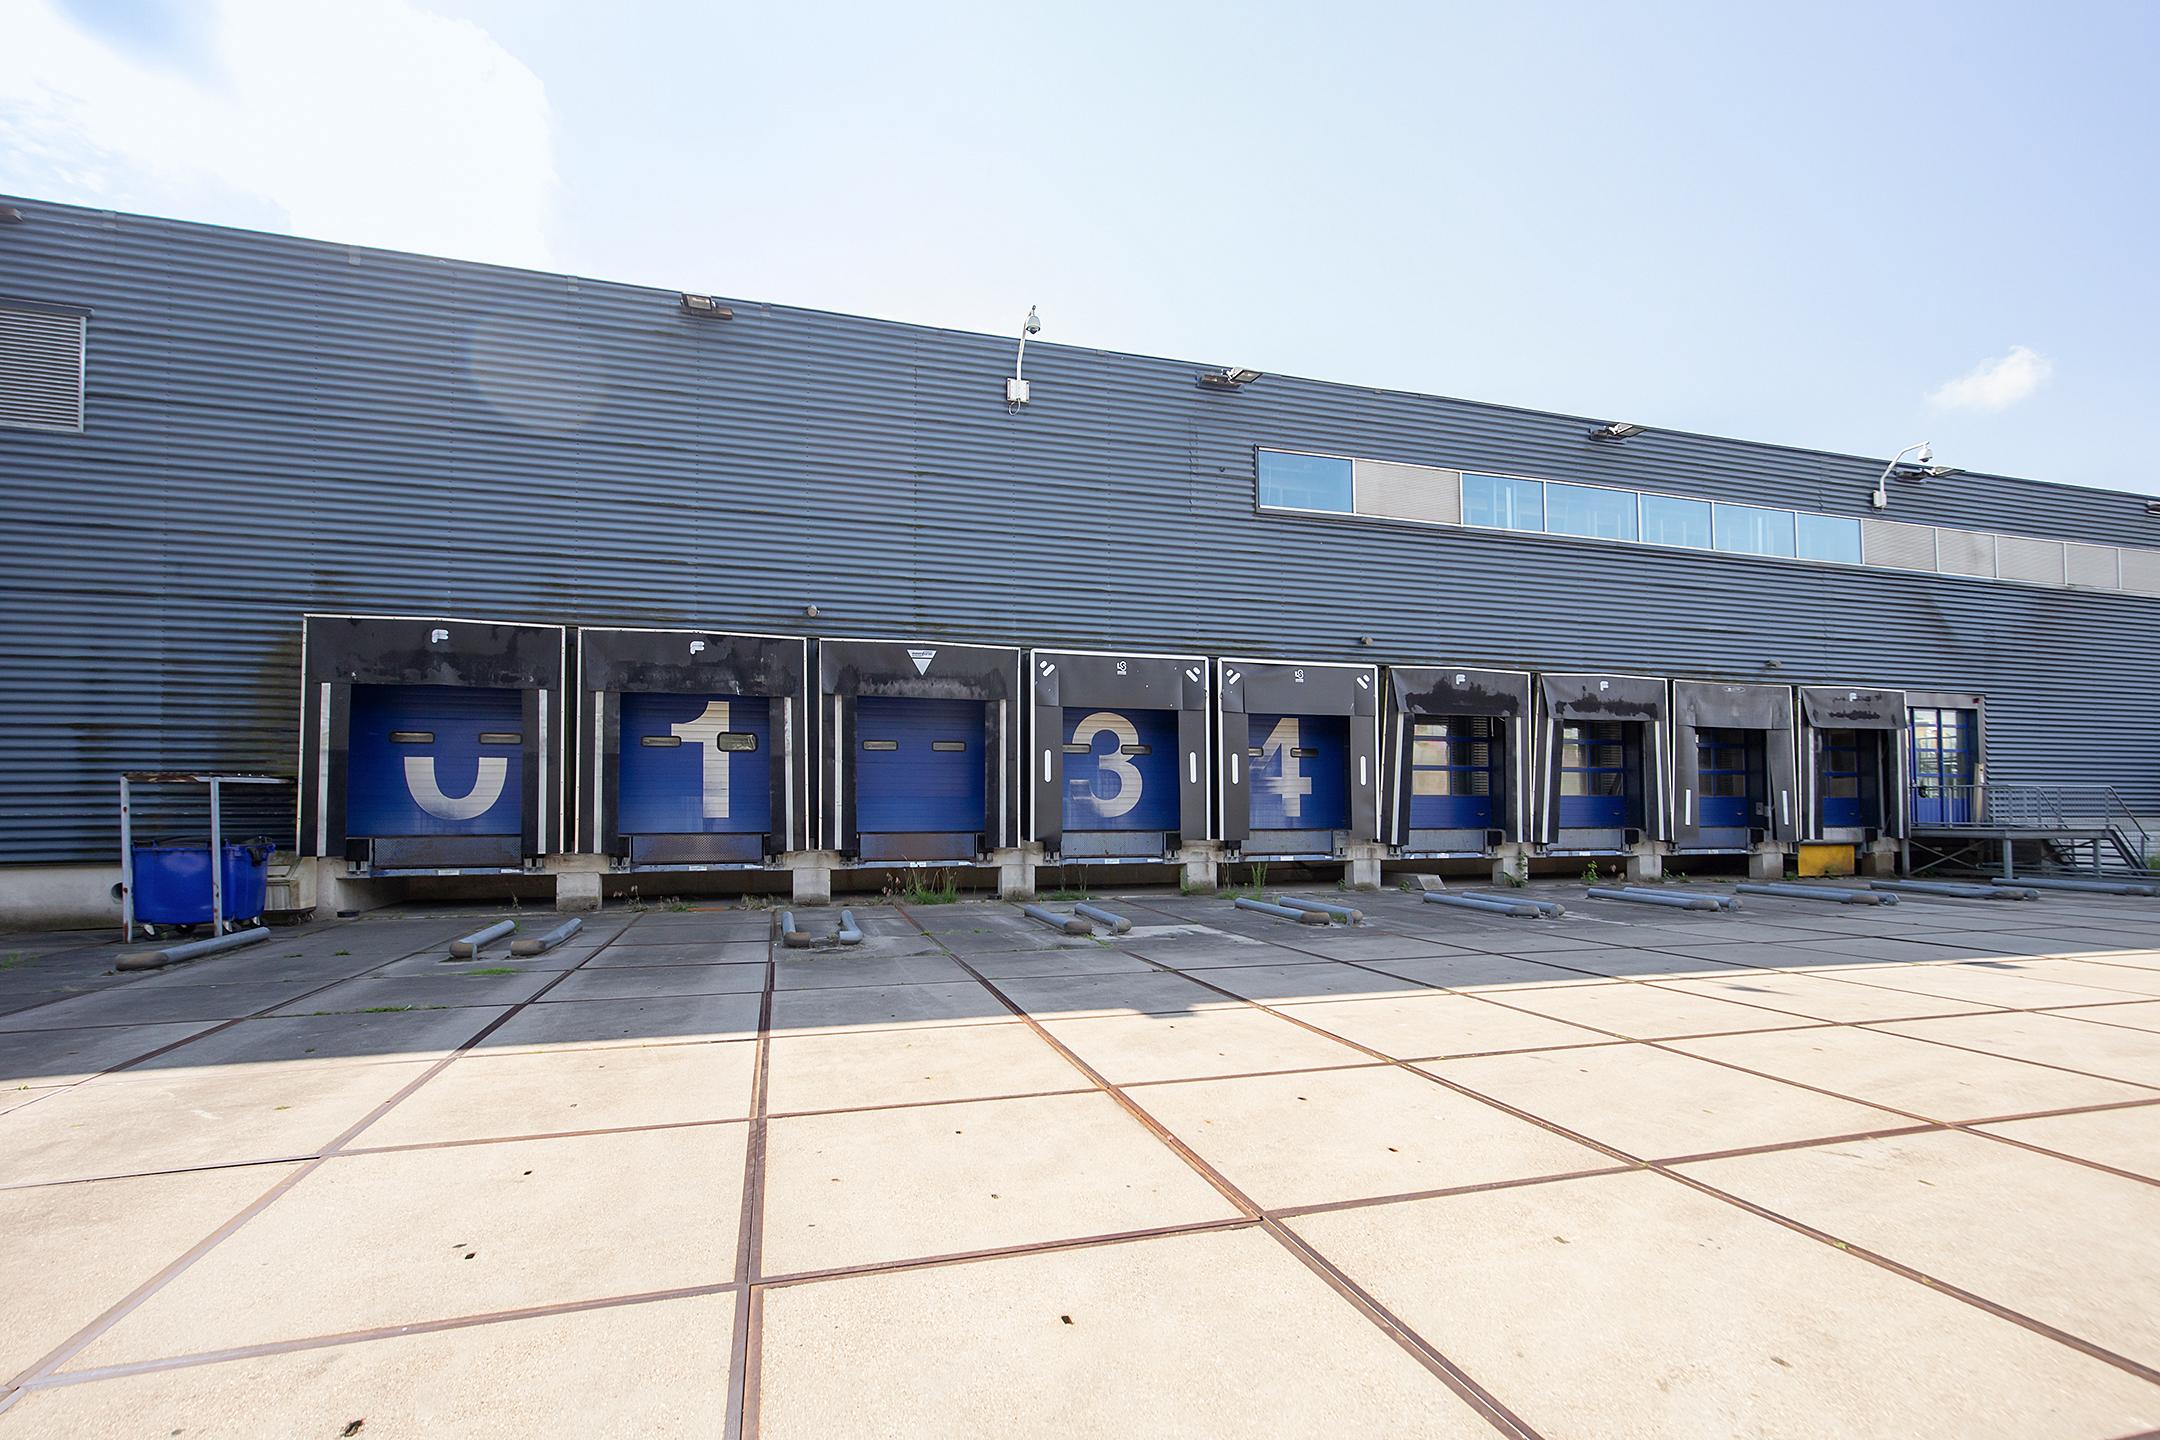 Werken op het Lelystad Airport Businesspark?